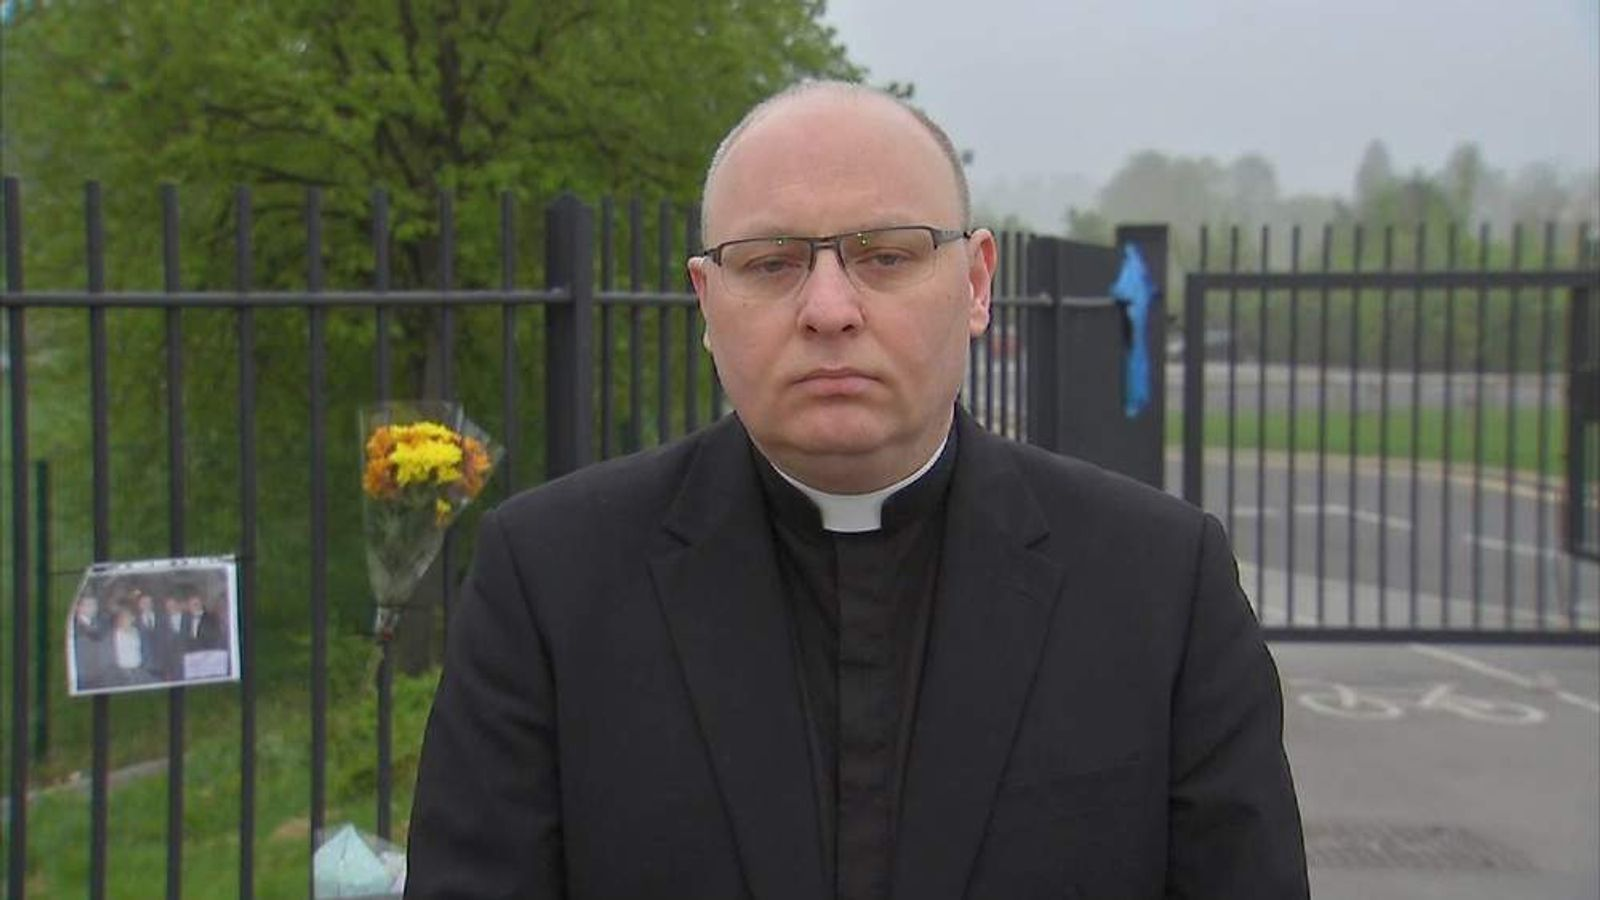 Monsignor John Wilson